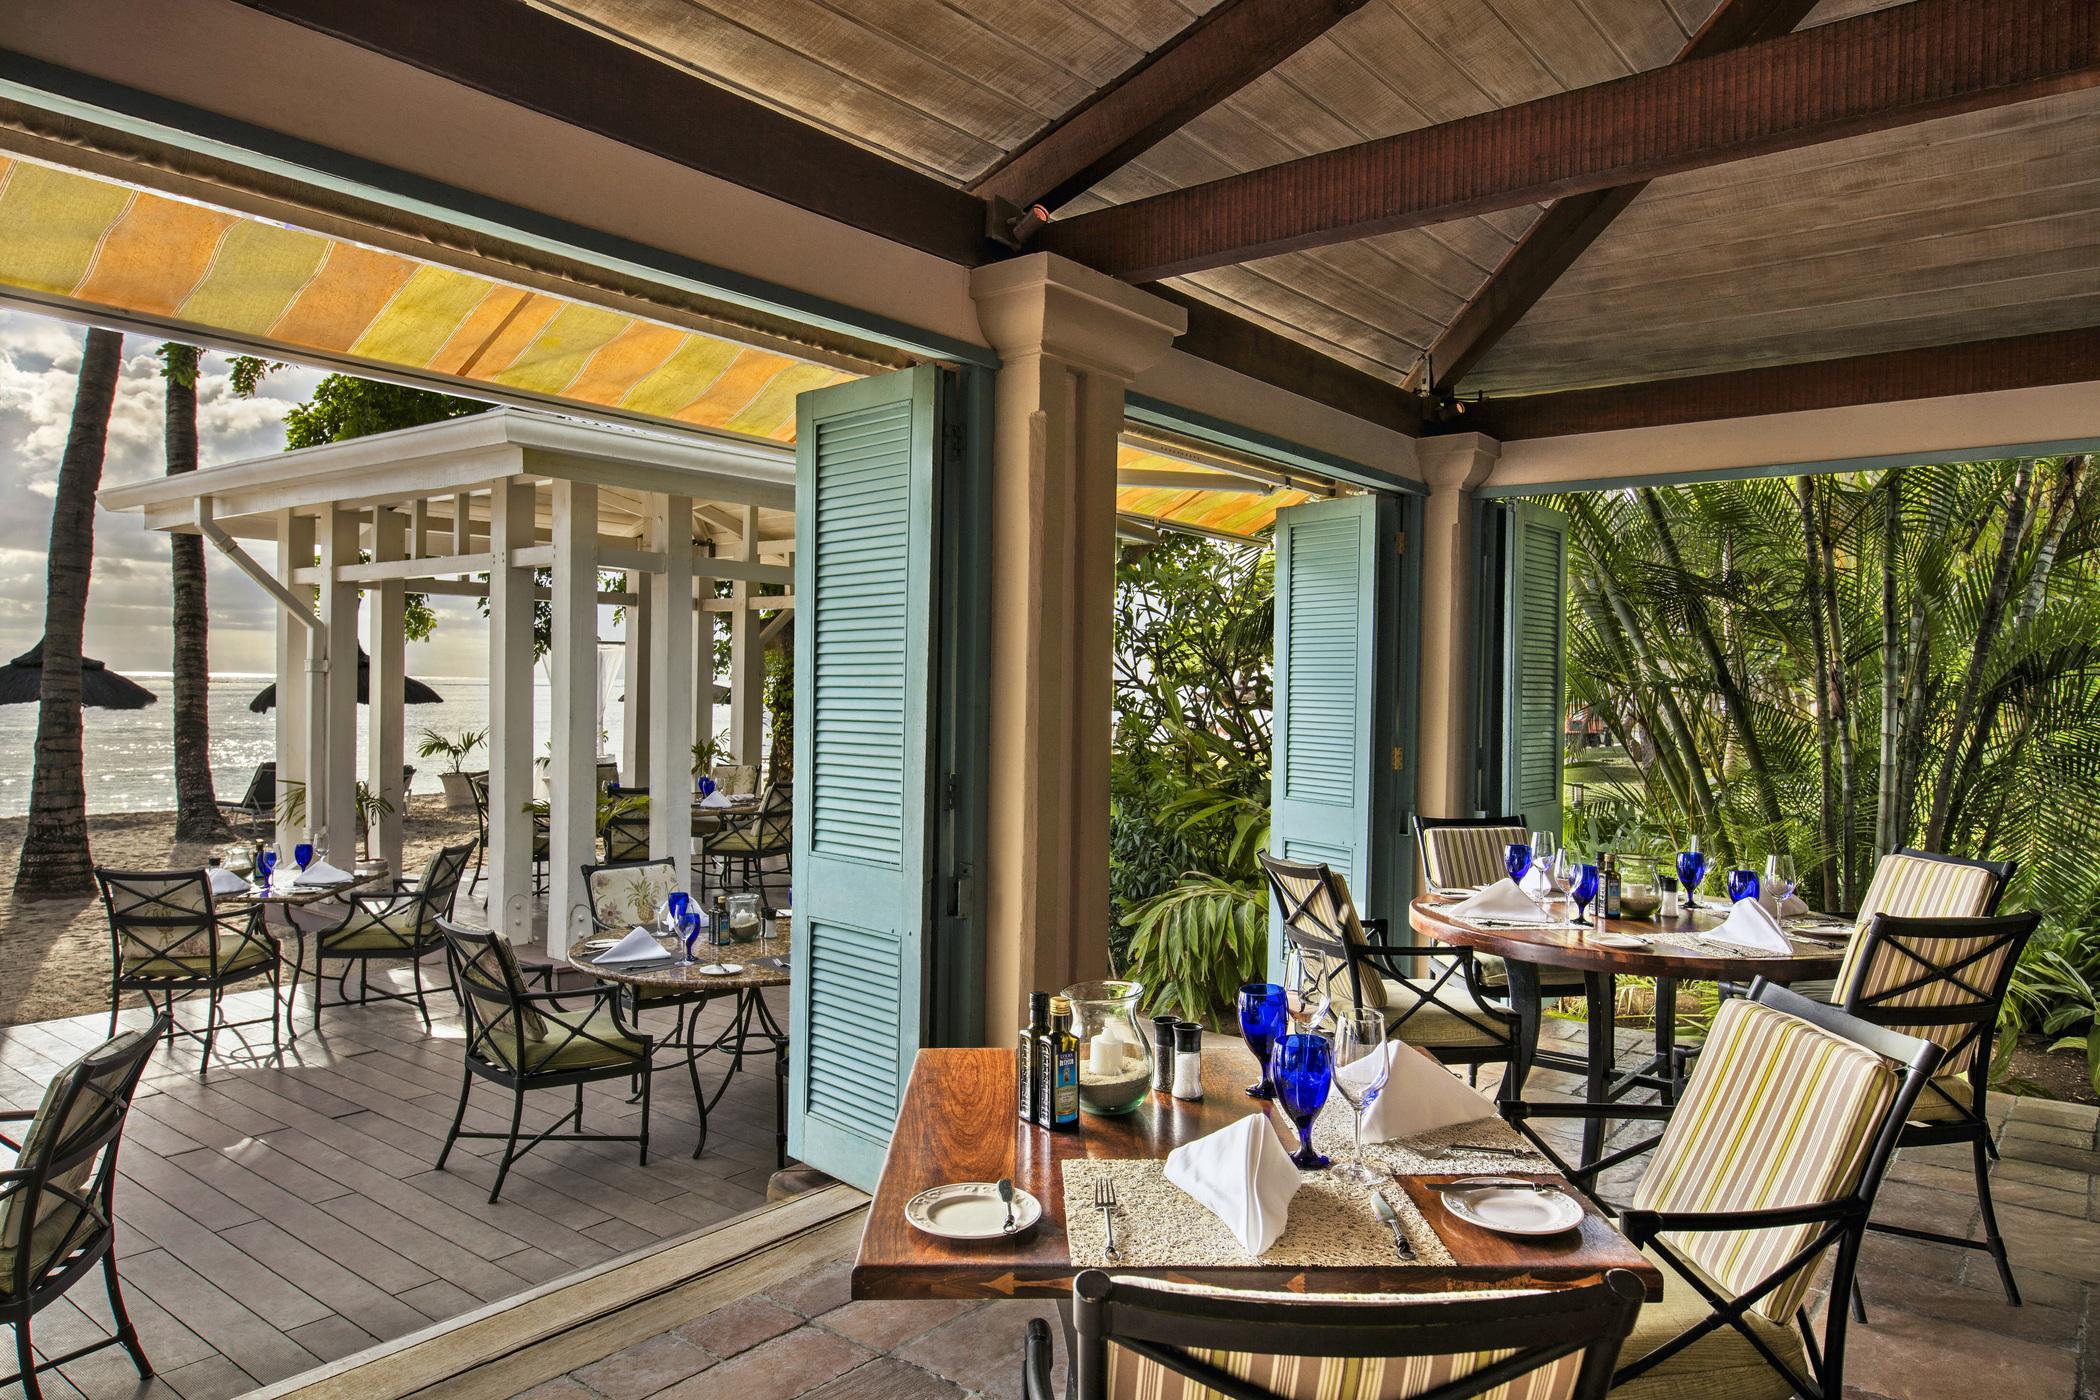 Sugar_Beach_Restaurants_Citonella_s_cafe_1-2100x1400-6d2b1d4a-c71c-4a2f-...